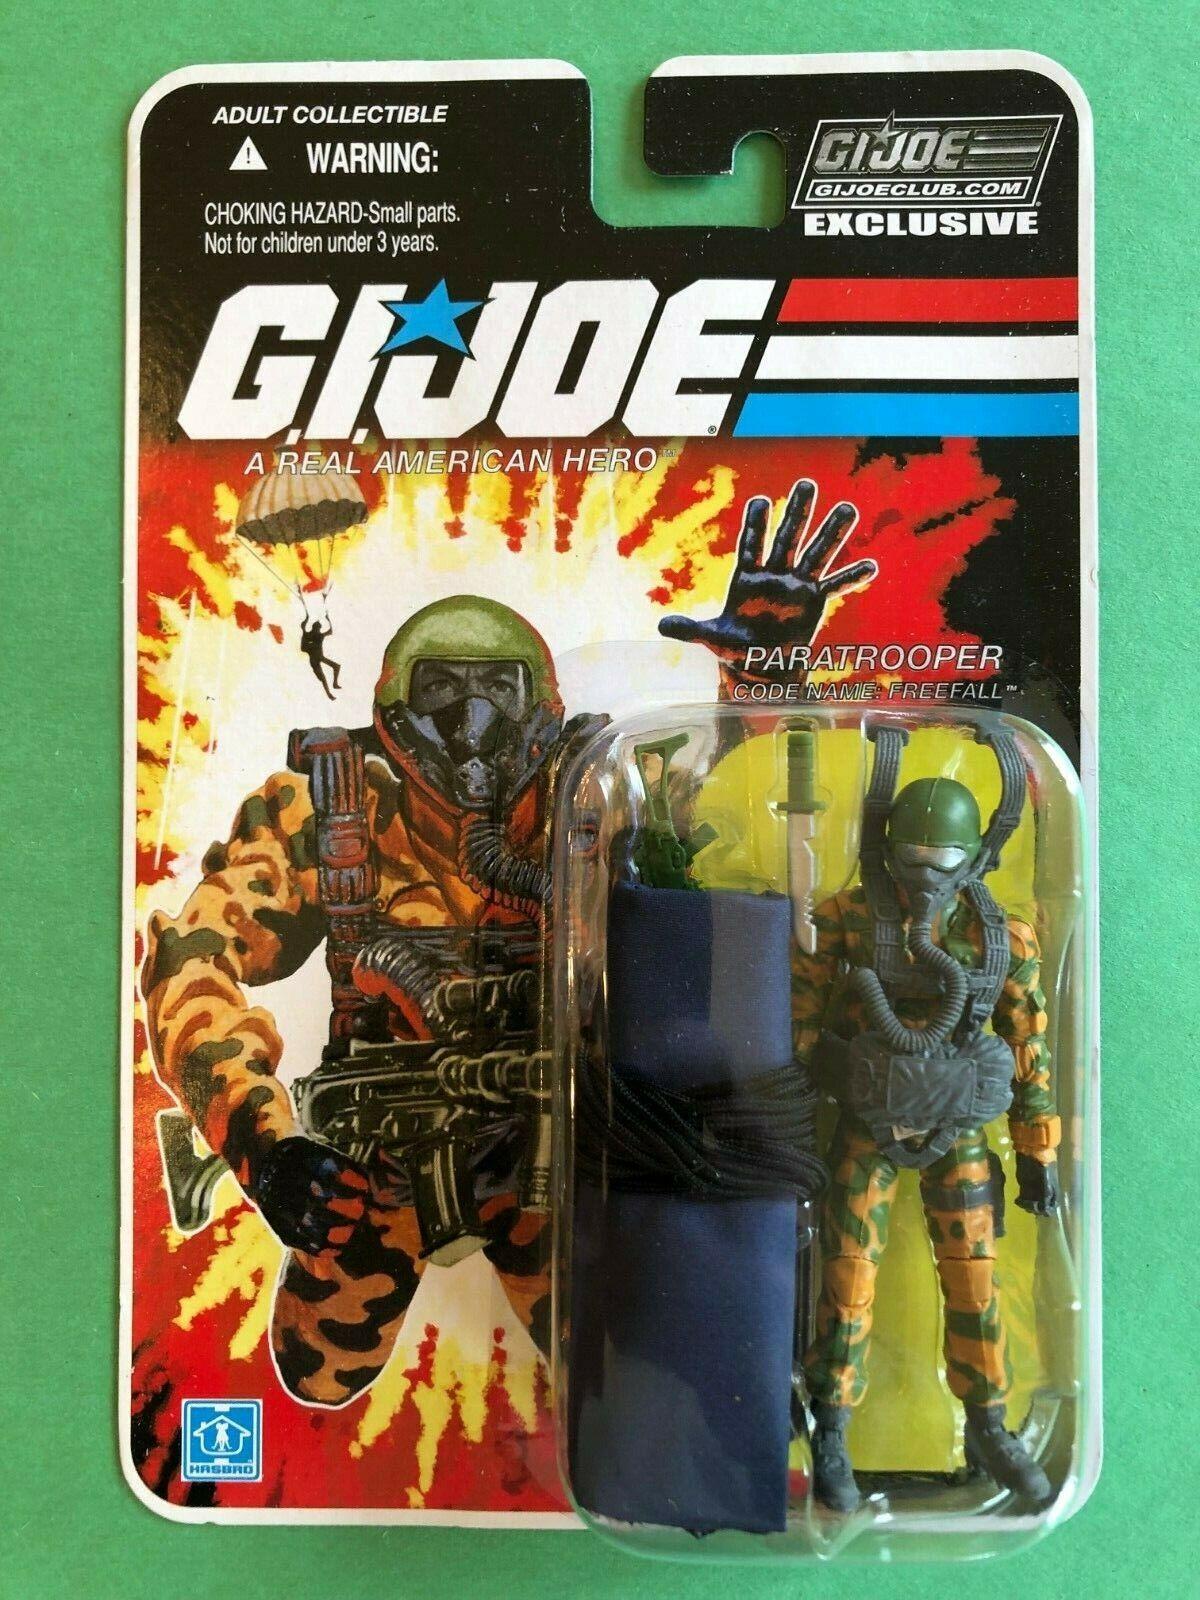 GI Joe Collectors Club Convention Jocon Exclusive gratuitoftutti